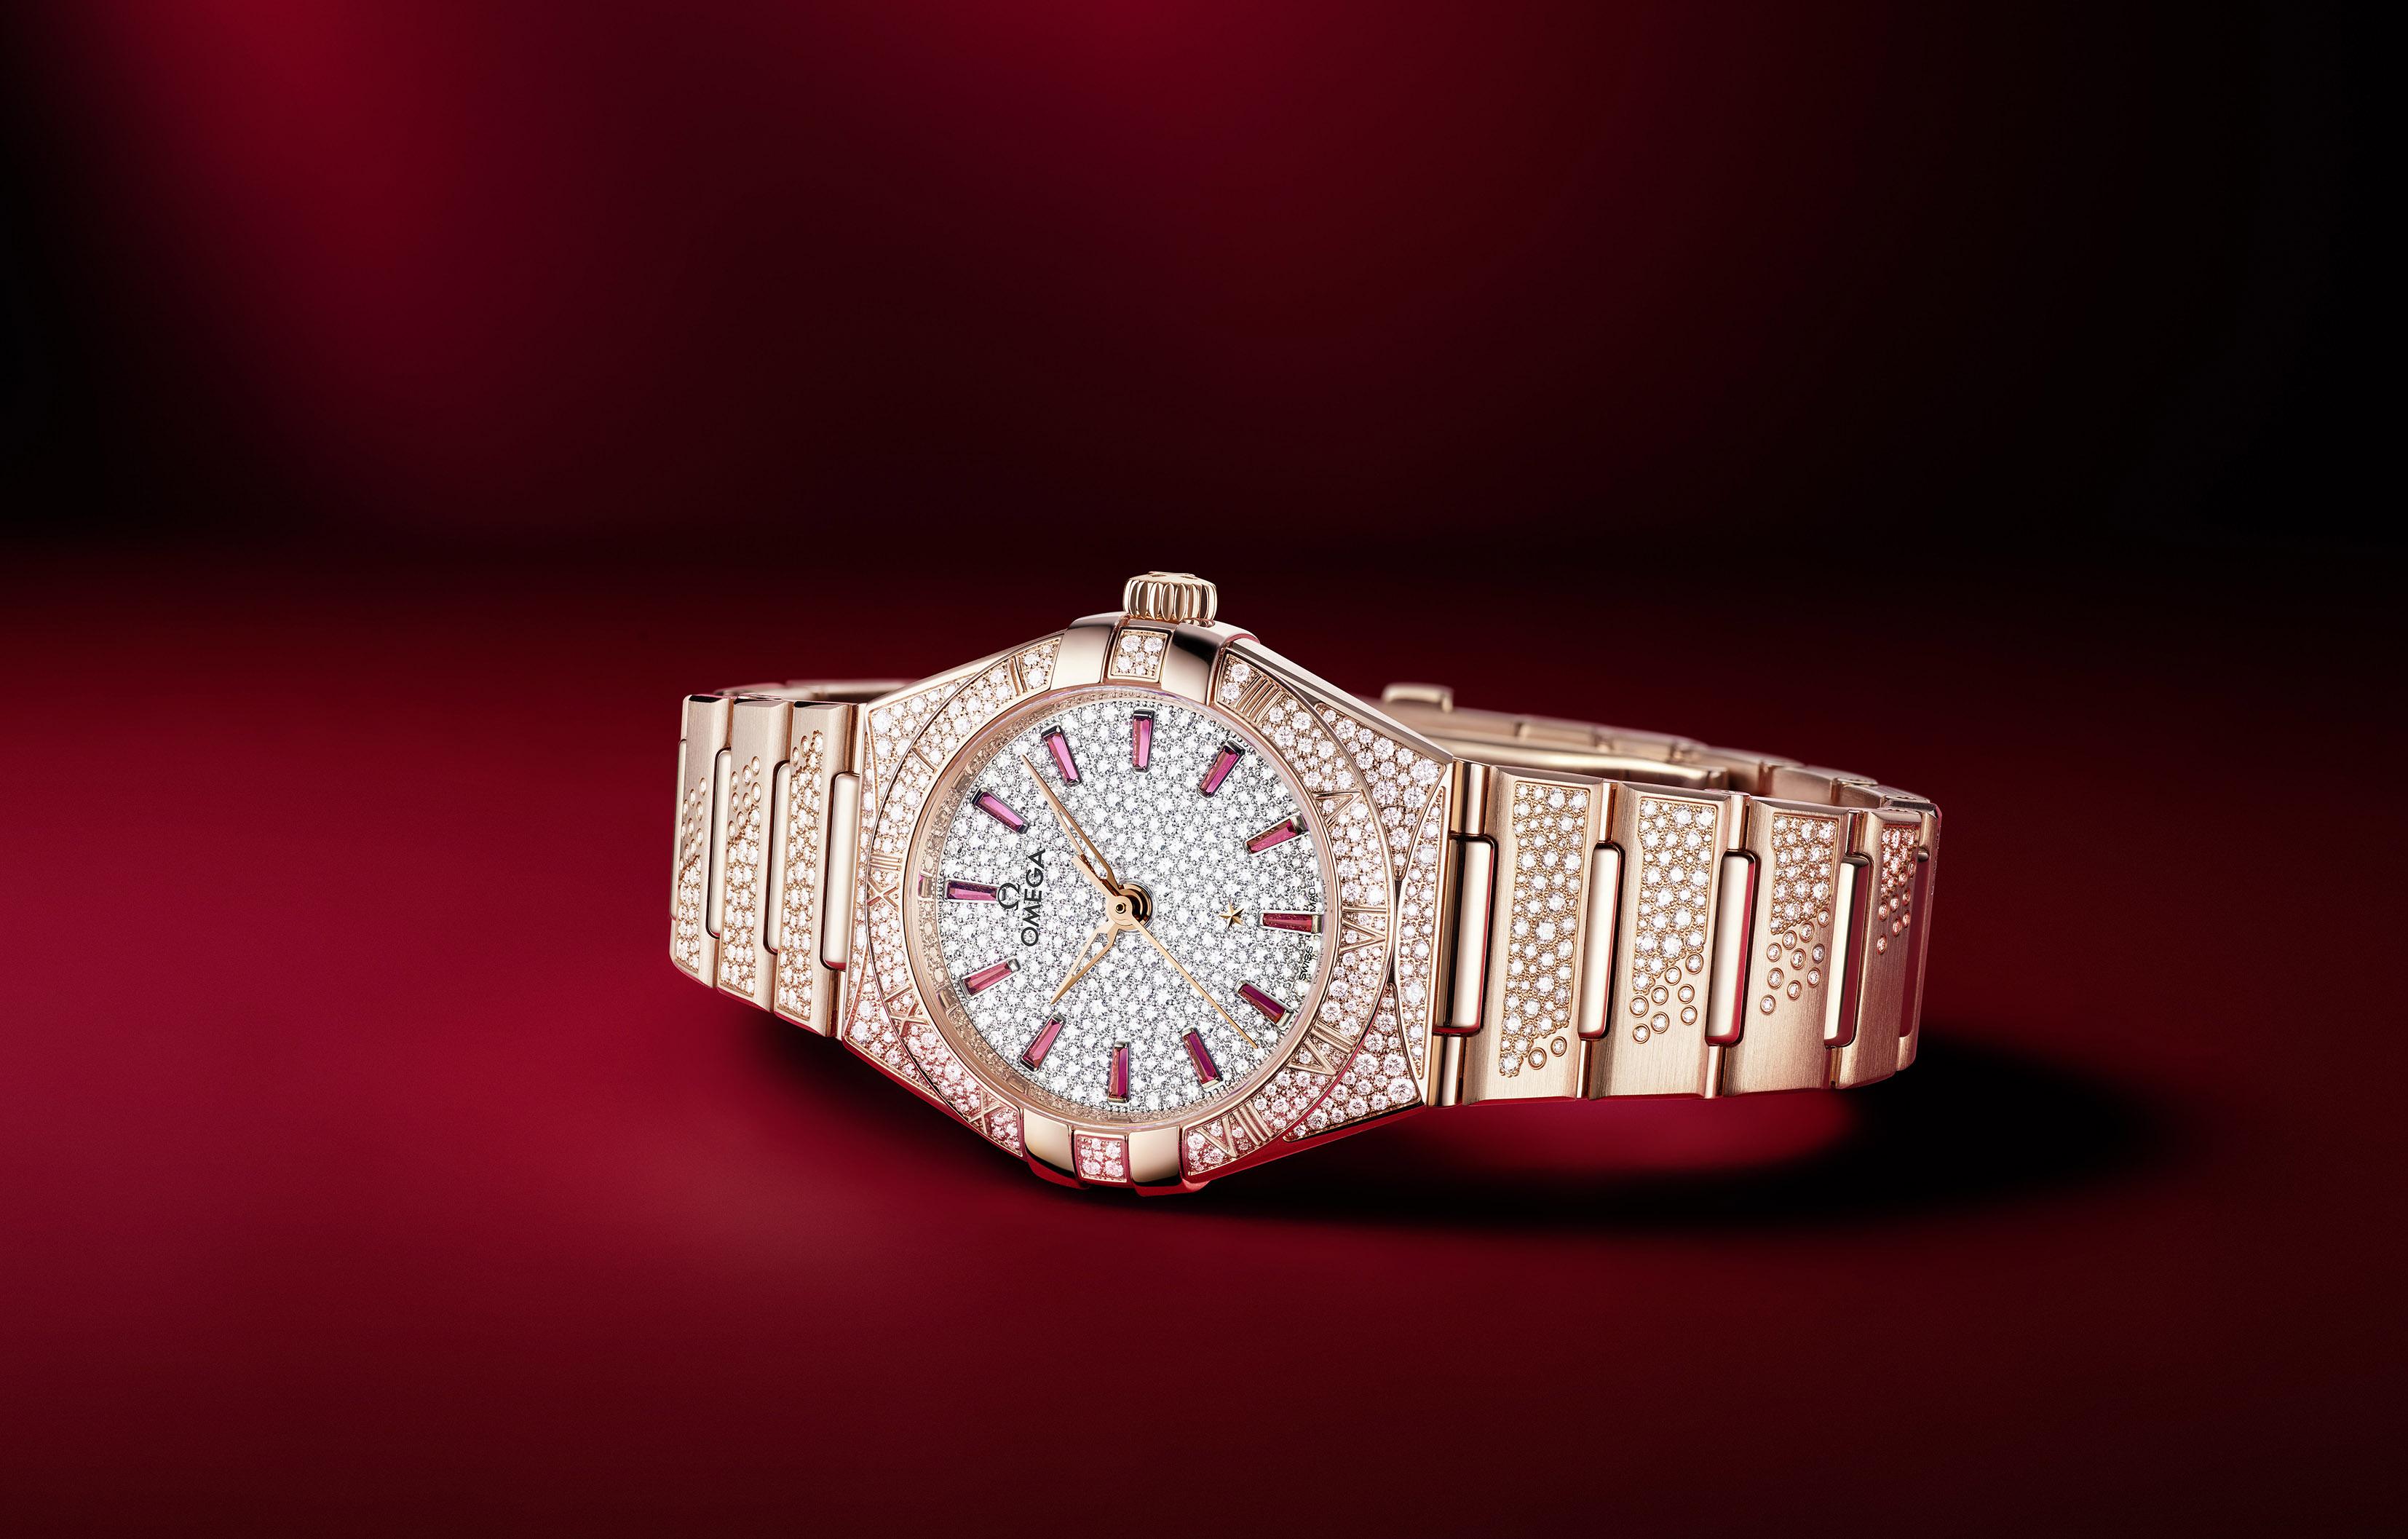 歐米茄全新珠寶腕表  讓星座系列更加熠熠生輝